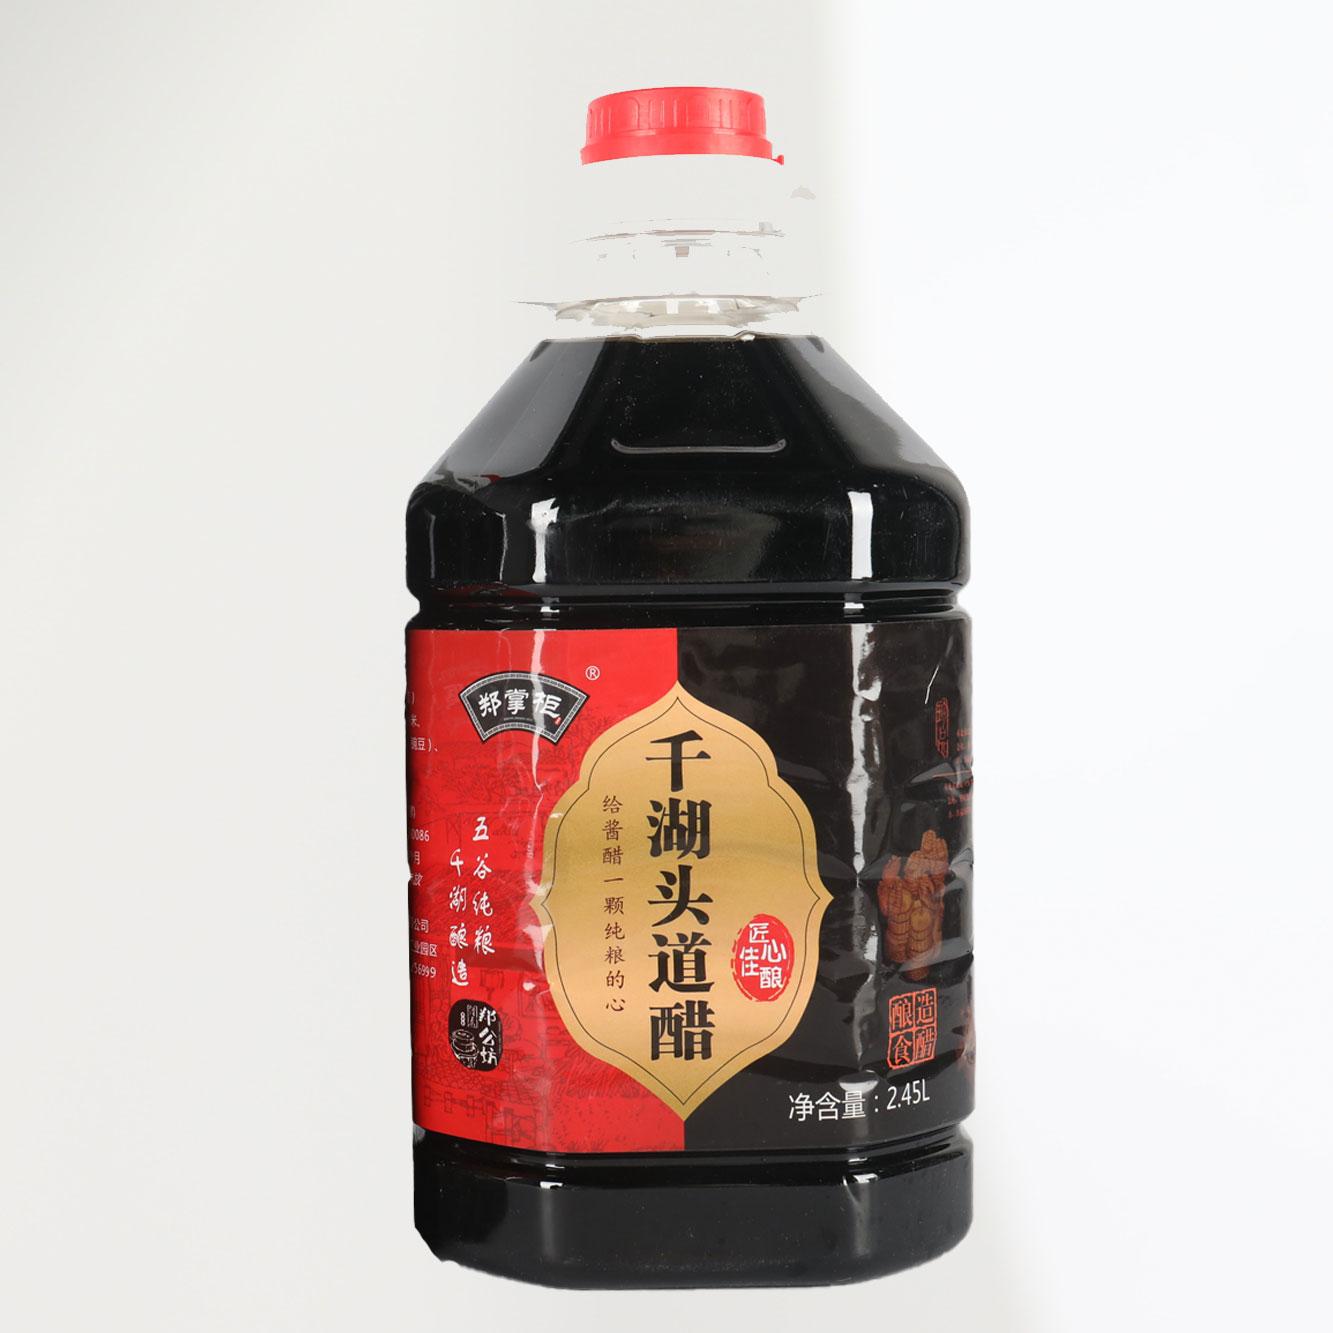 【宝鸡扶贫馆】千阳县 千湖 郑掌柜头道醋2.45L/桶